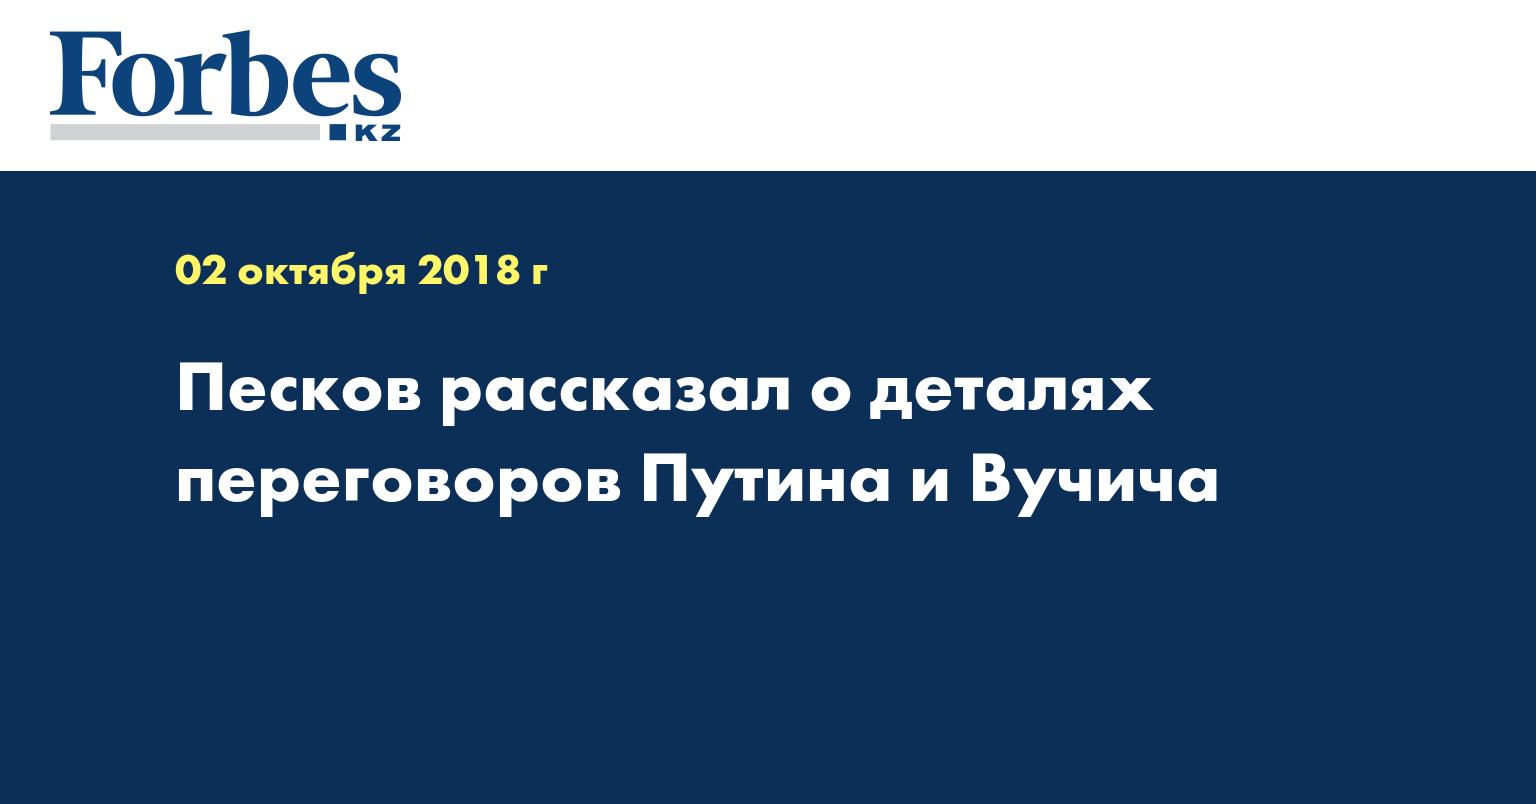 Песков рассказал о деталях переговоров Путина и Вучича